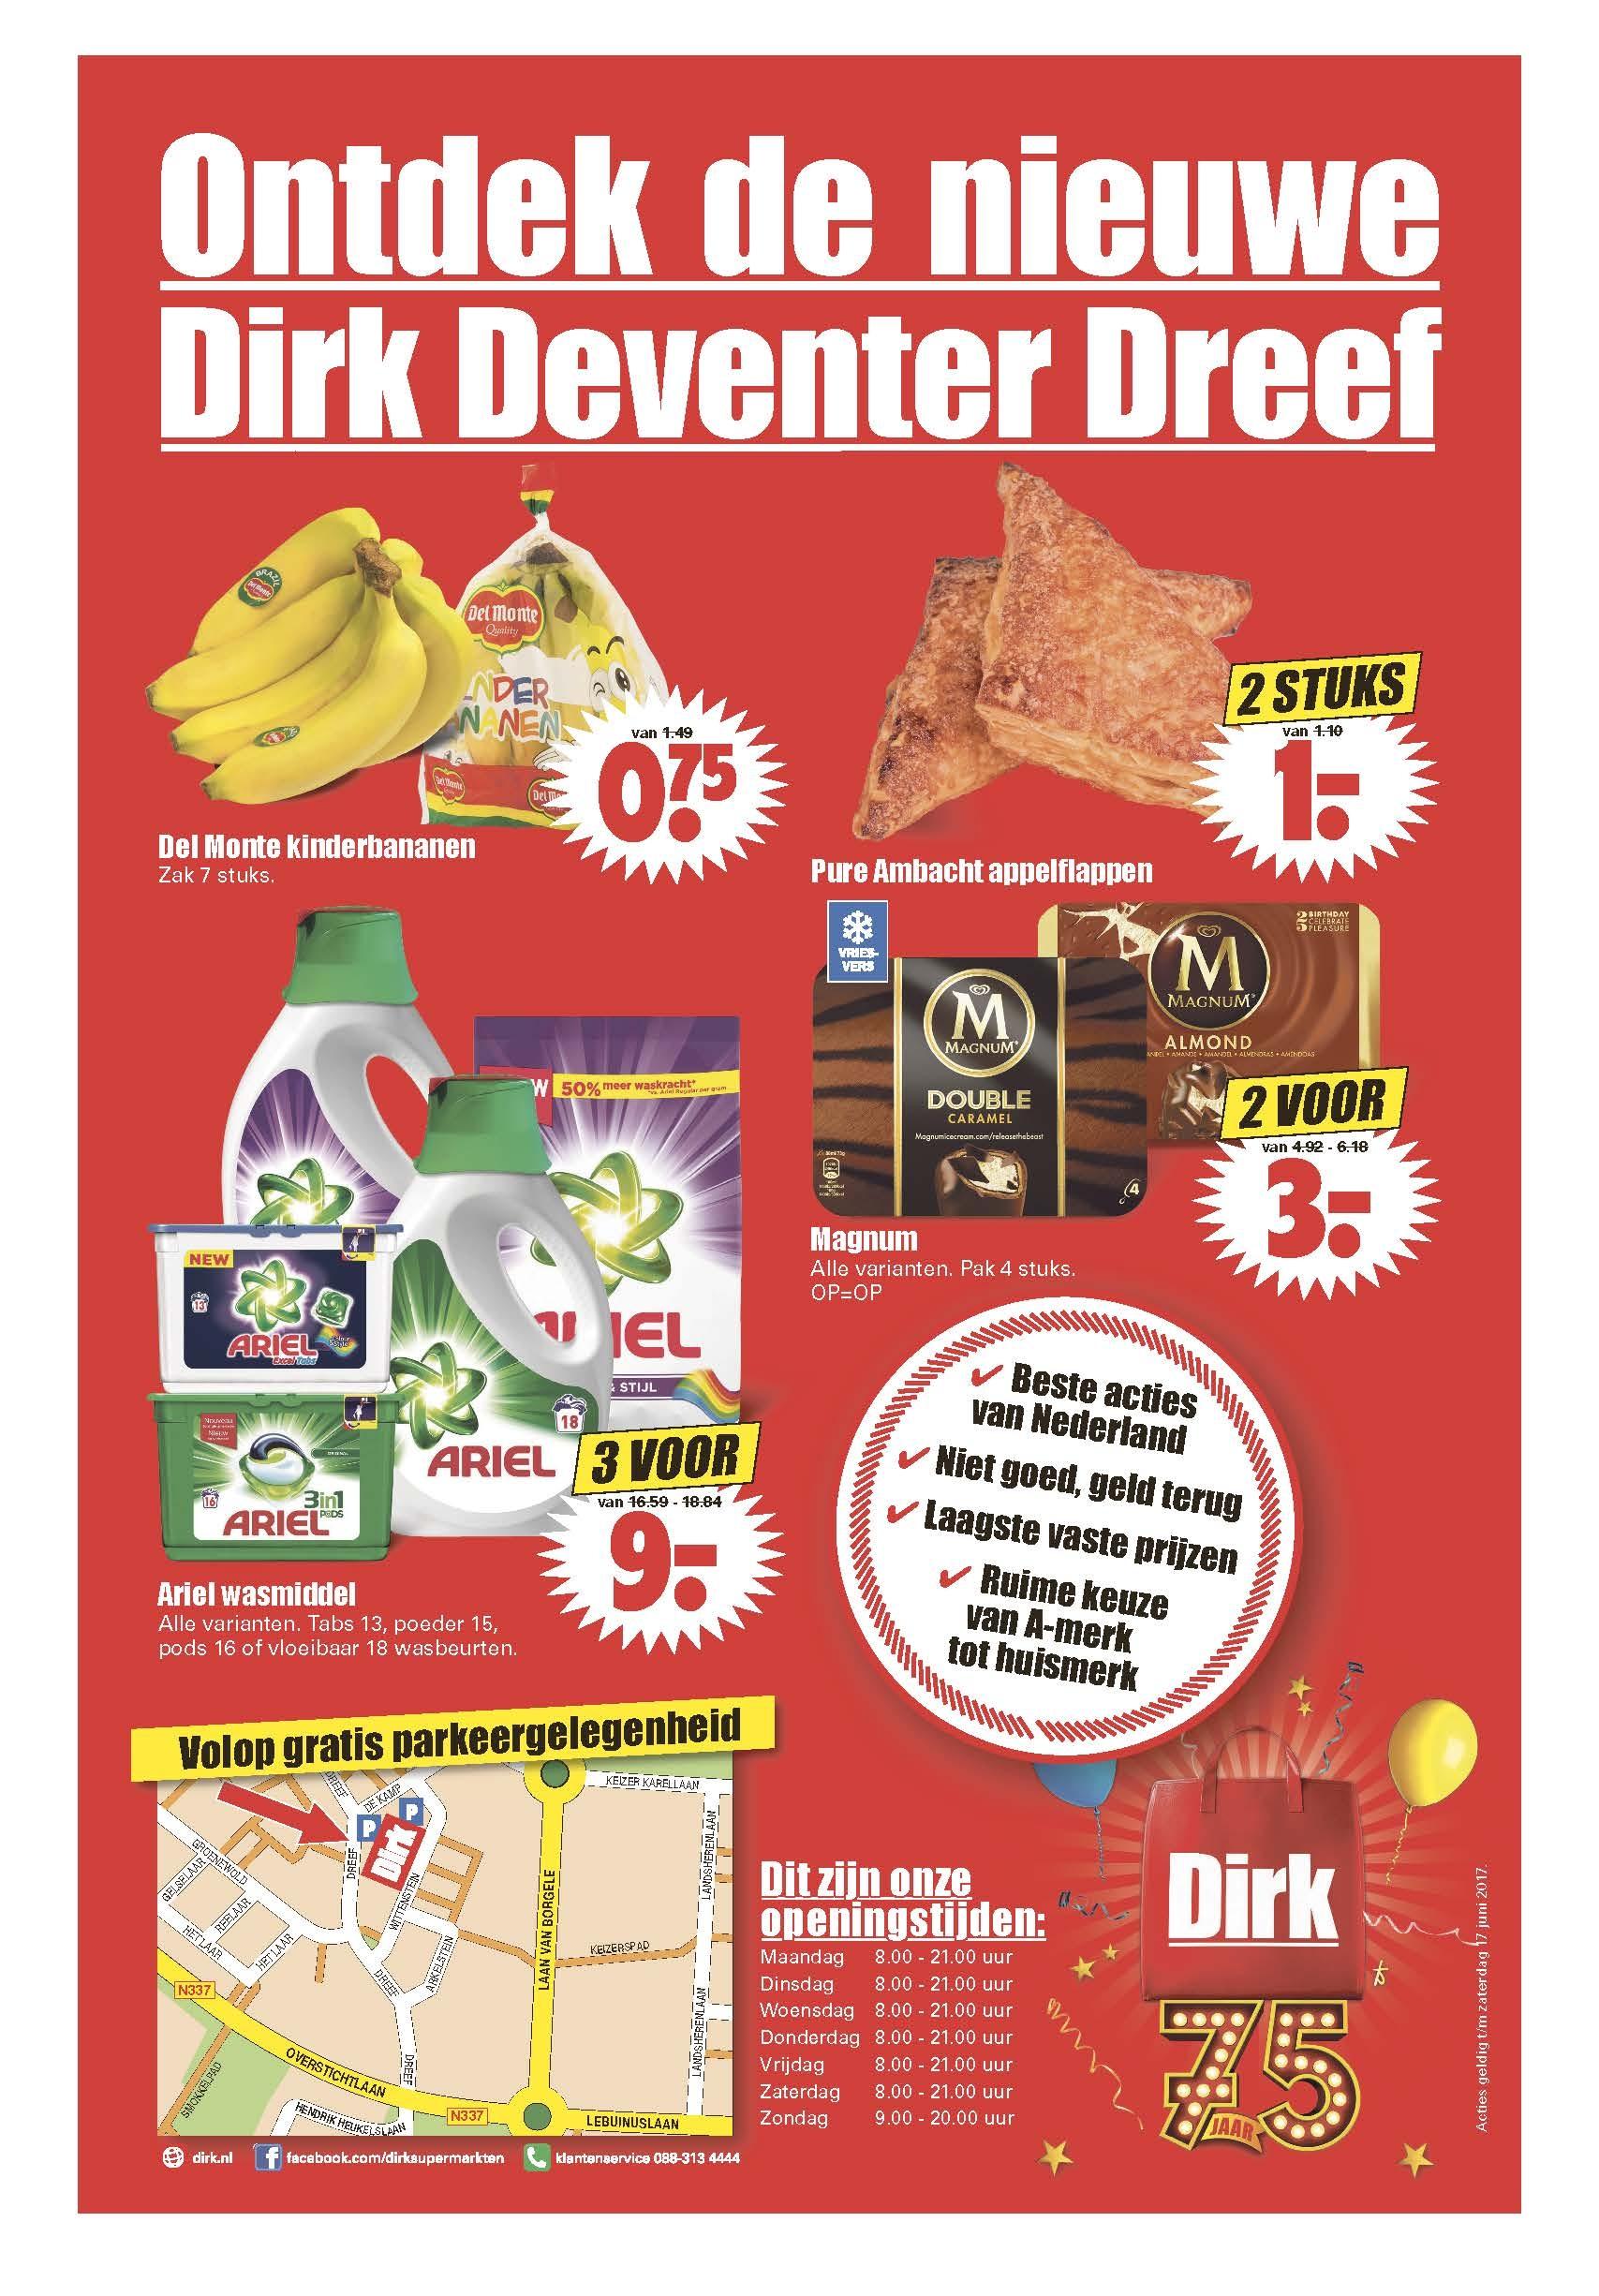 Ontdek de nieuweDirk Deventer Dreef